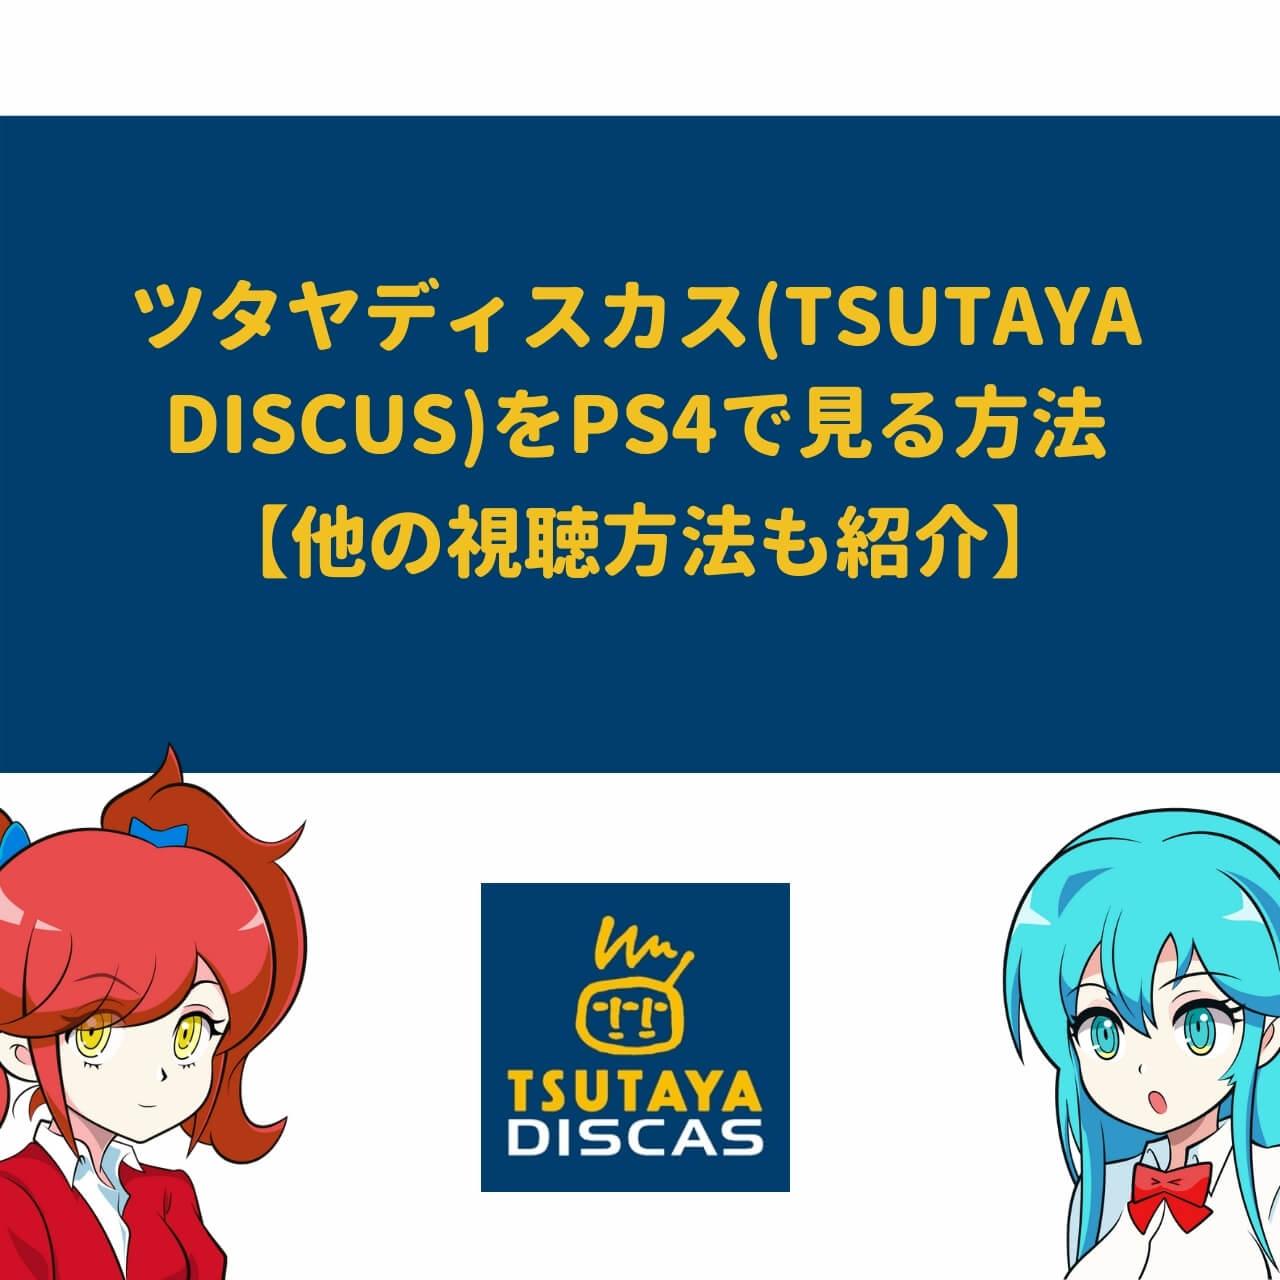 ツタヤディスカス(TSUTAYA DISCUS)をPS4で見る方法【他の視聴方法も紹介】